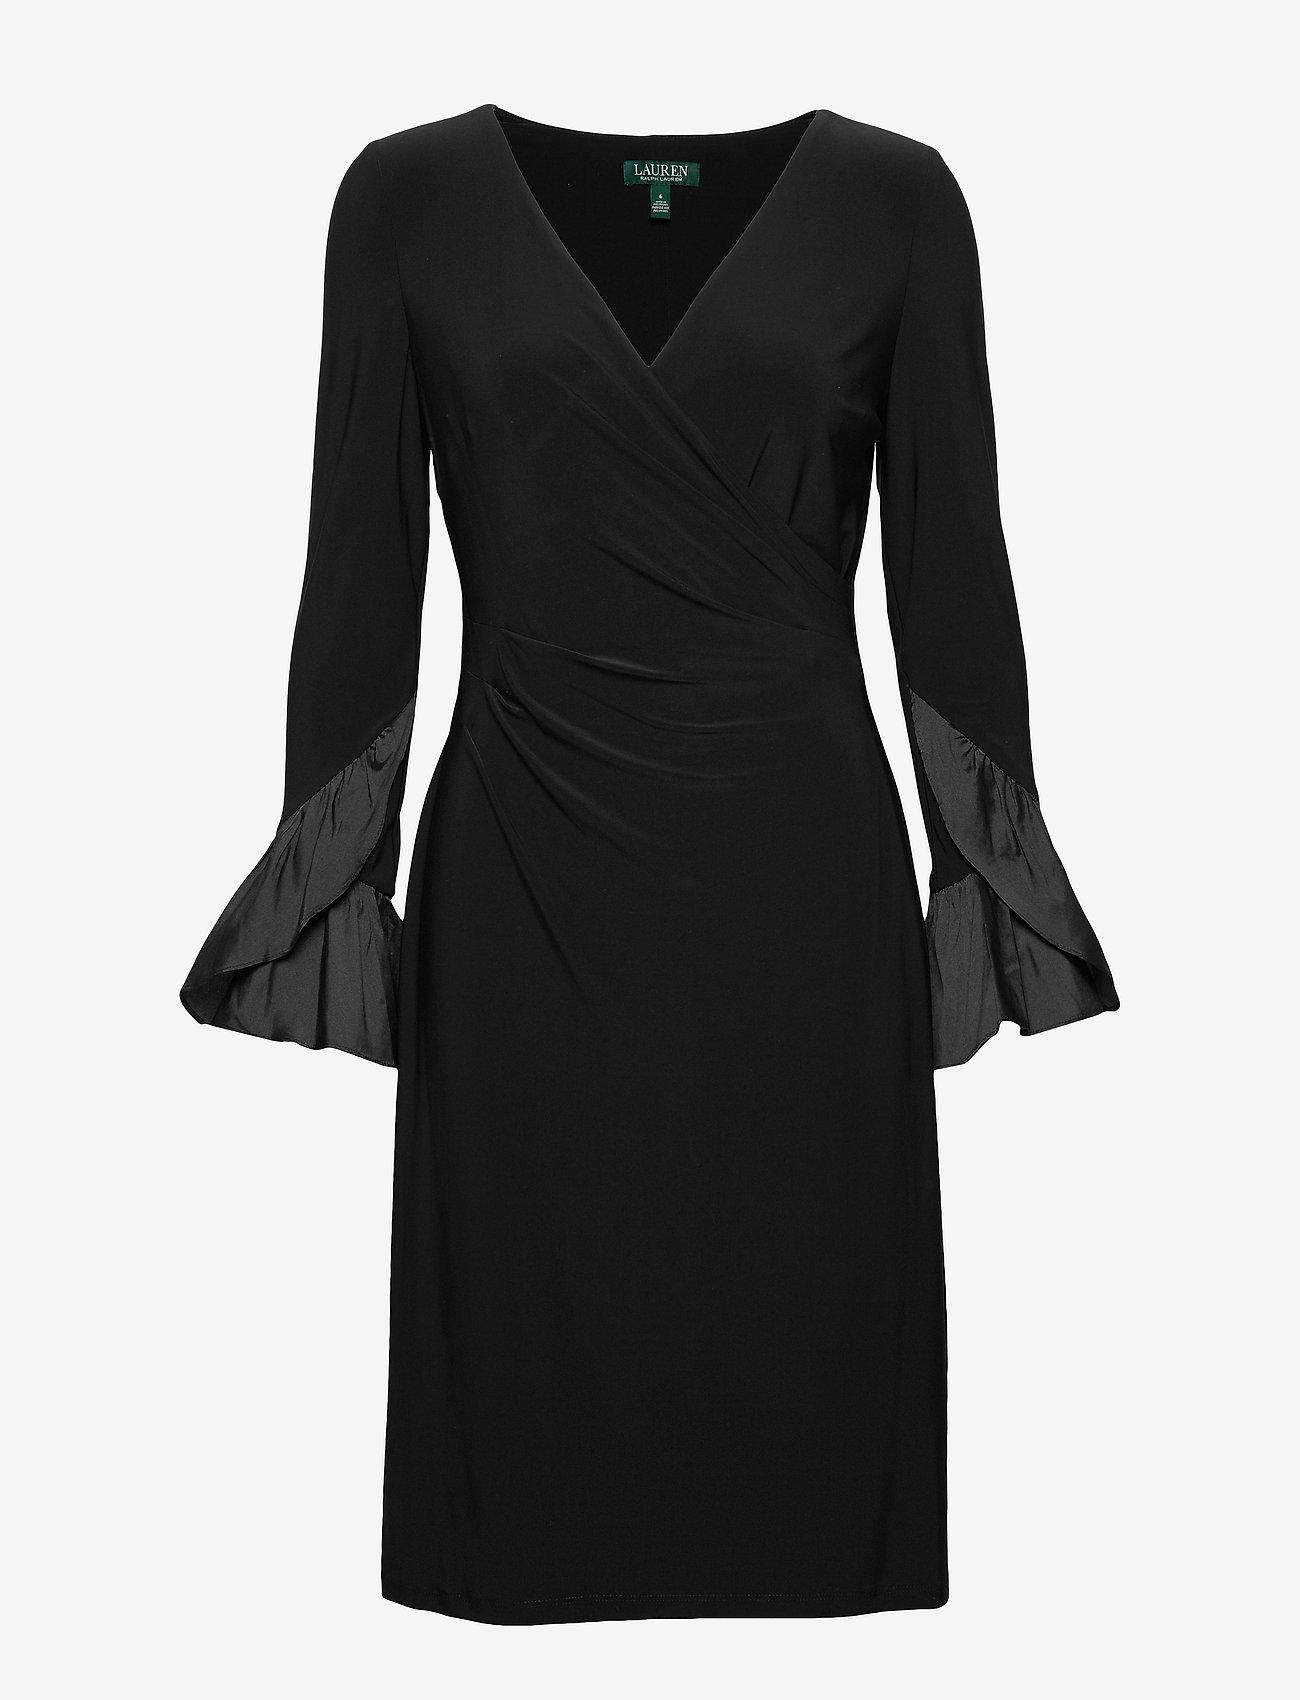 Lauren Ralph Lauren - Ruffled-Cuff Jersey Dress - wrap dresses - black - 0